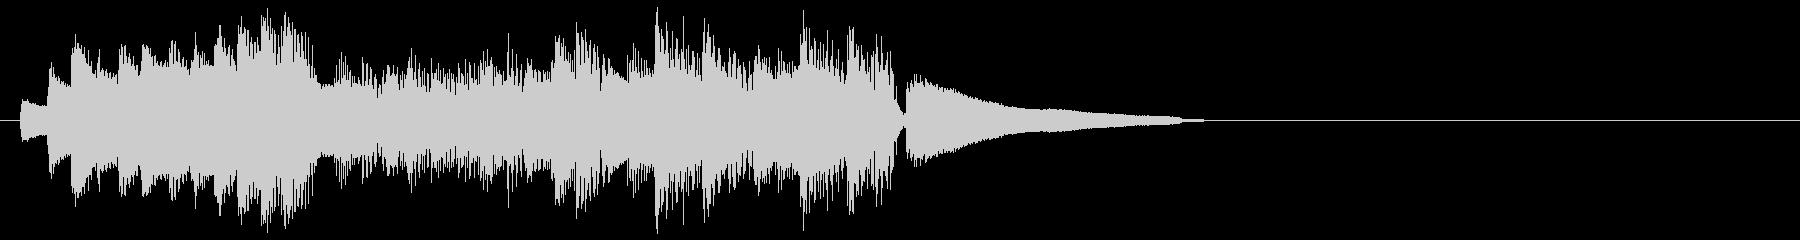 ミステリアスでダークなピアノのジングルの未再生の波形